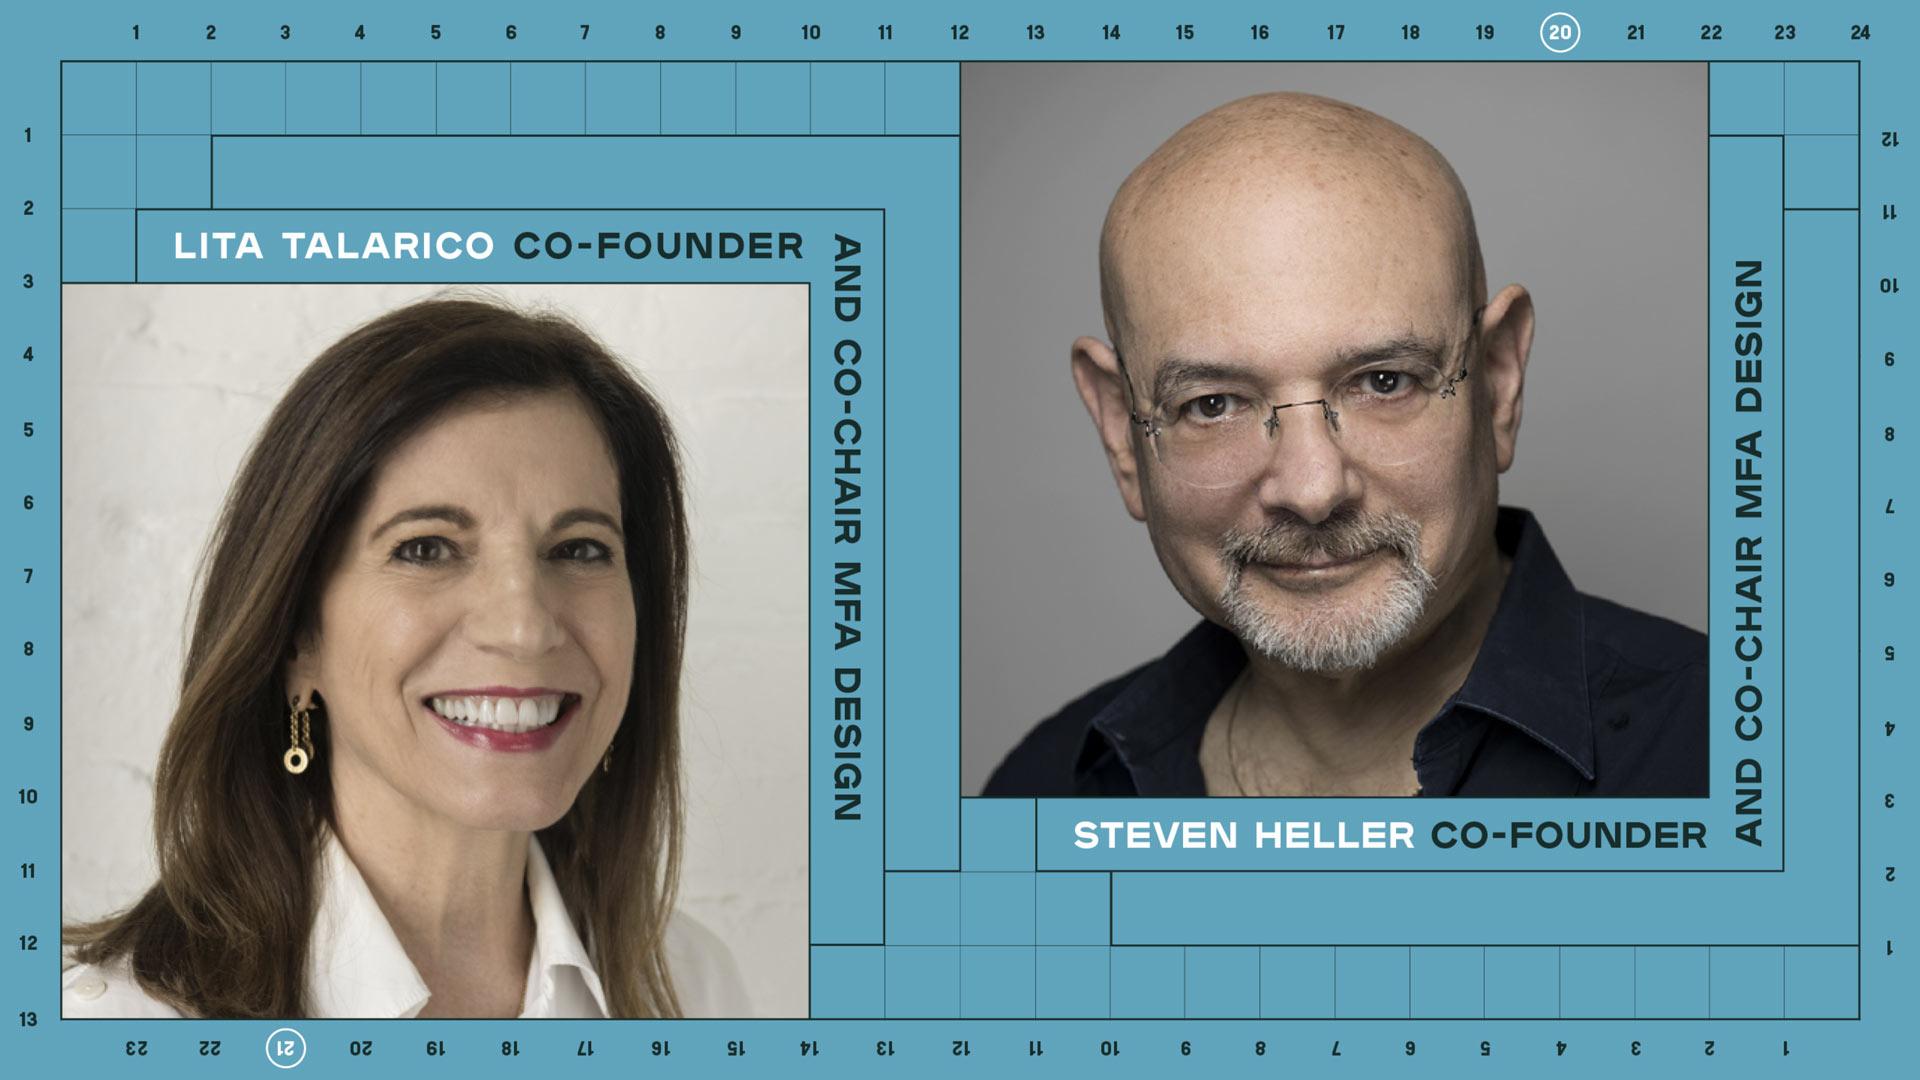 photos of Steven Heller & Lita Talarico